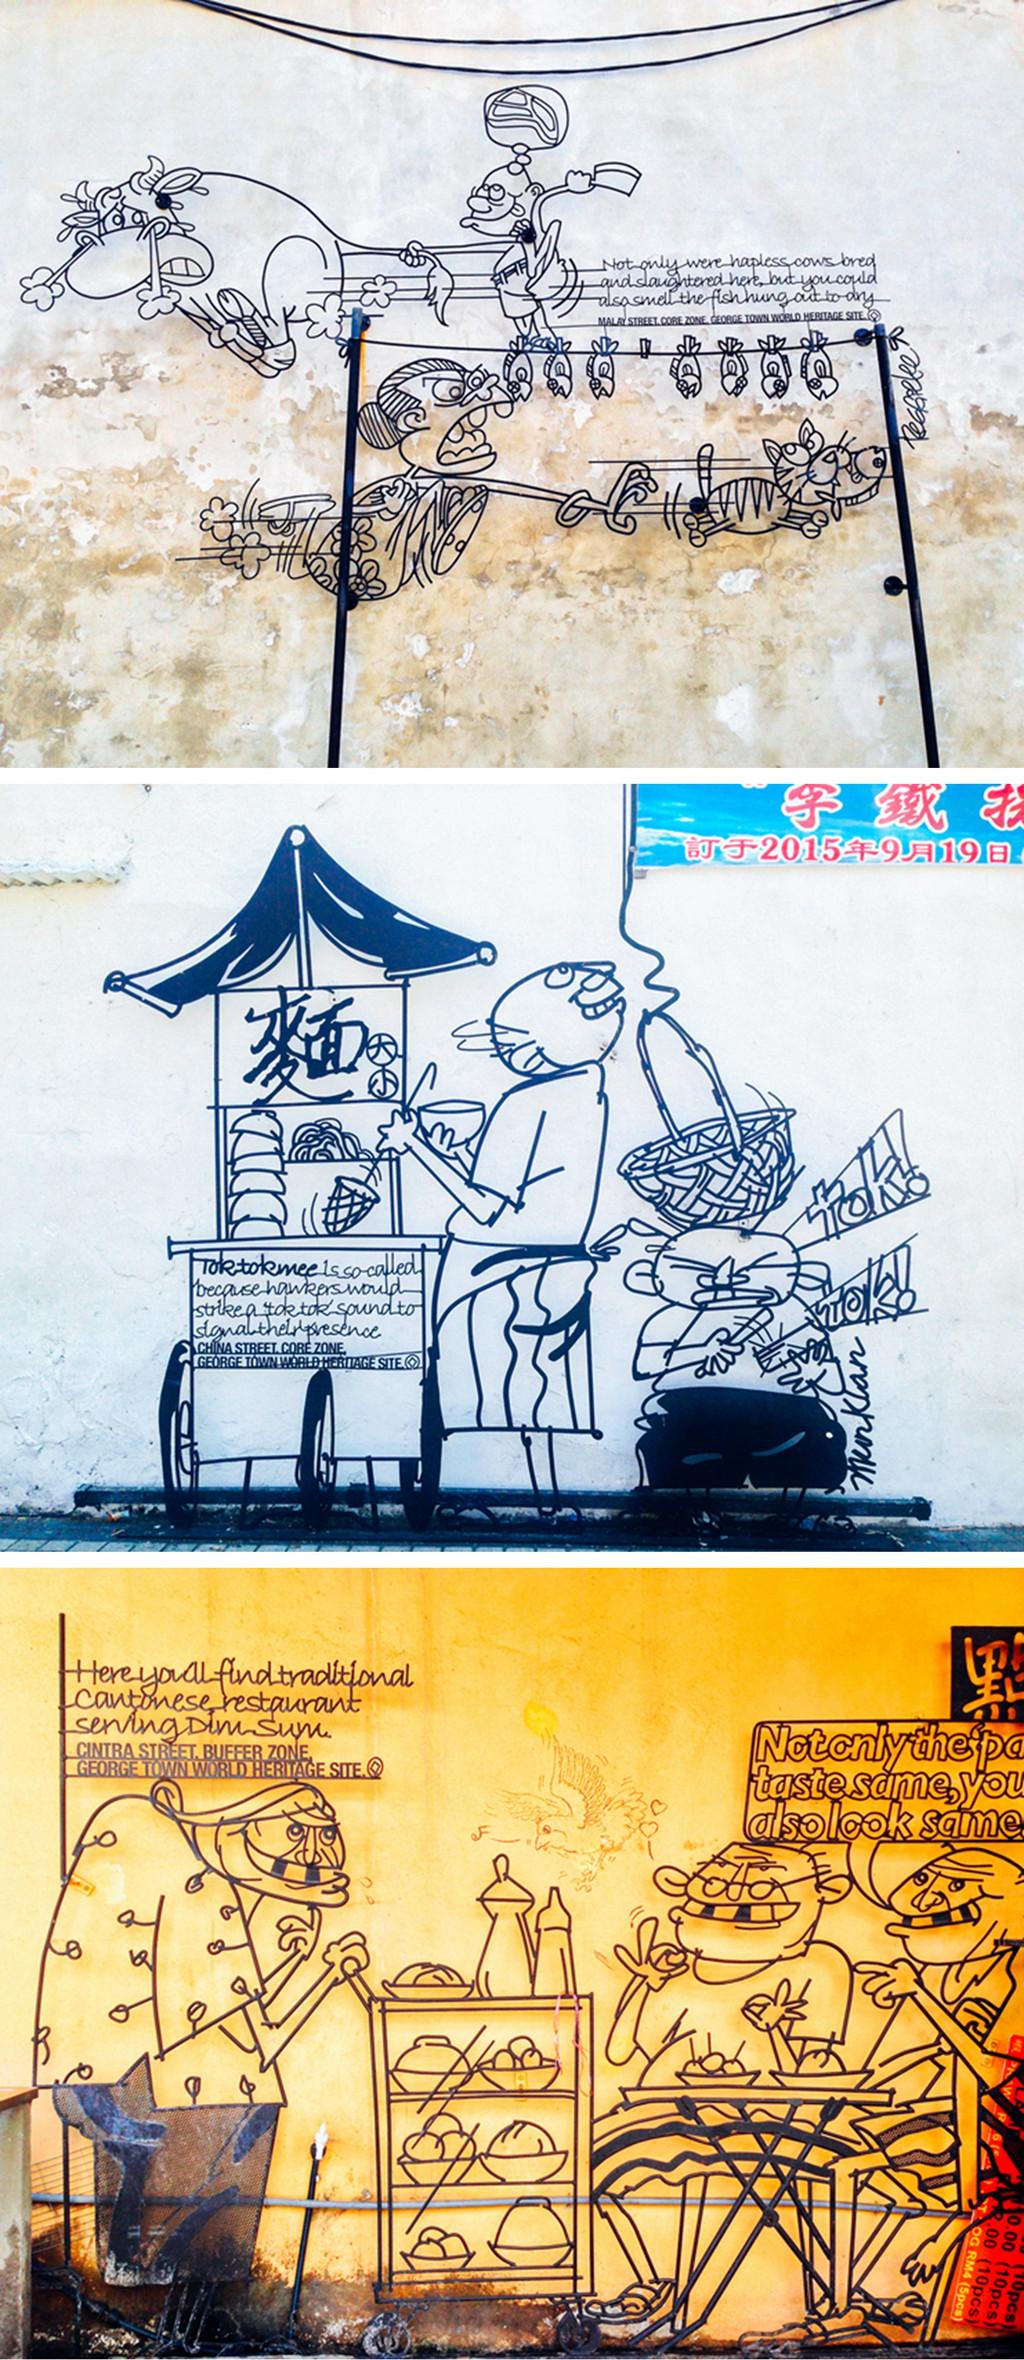 一个人的槟城,也可以单恋双城——逛吃逛吃找壁画(超详细槟城攻略) - 槟城州游记攻略【携程攻略】